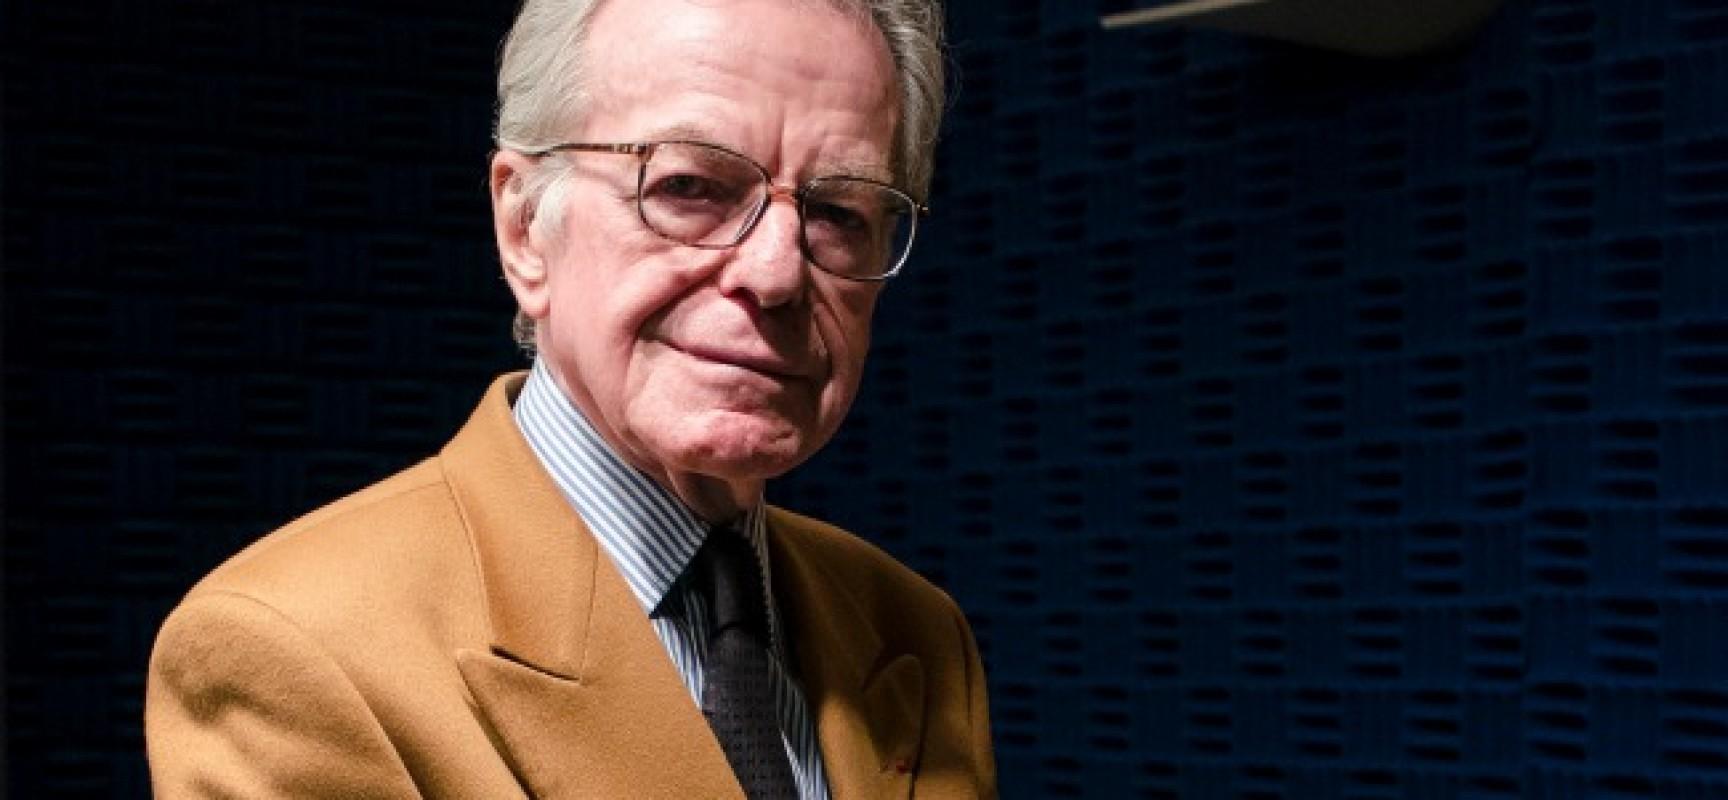 FALLECE JACOBO ZABLUDOVSKY: Por un derrame cerebral, a los 87 años muere el periodista que por décadas fue emblema del oficialismo en México